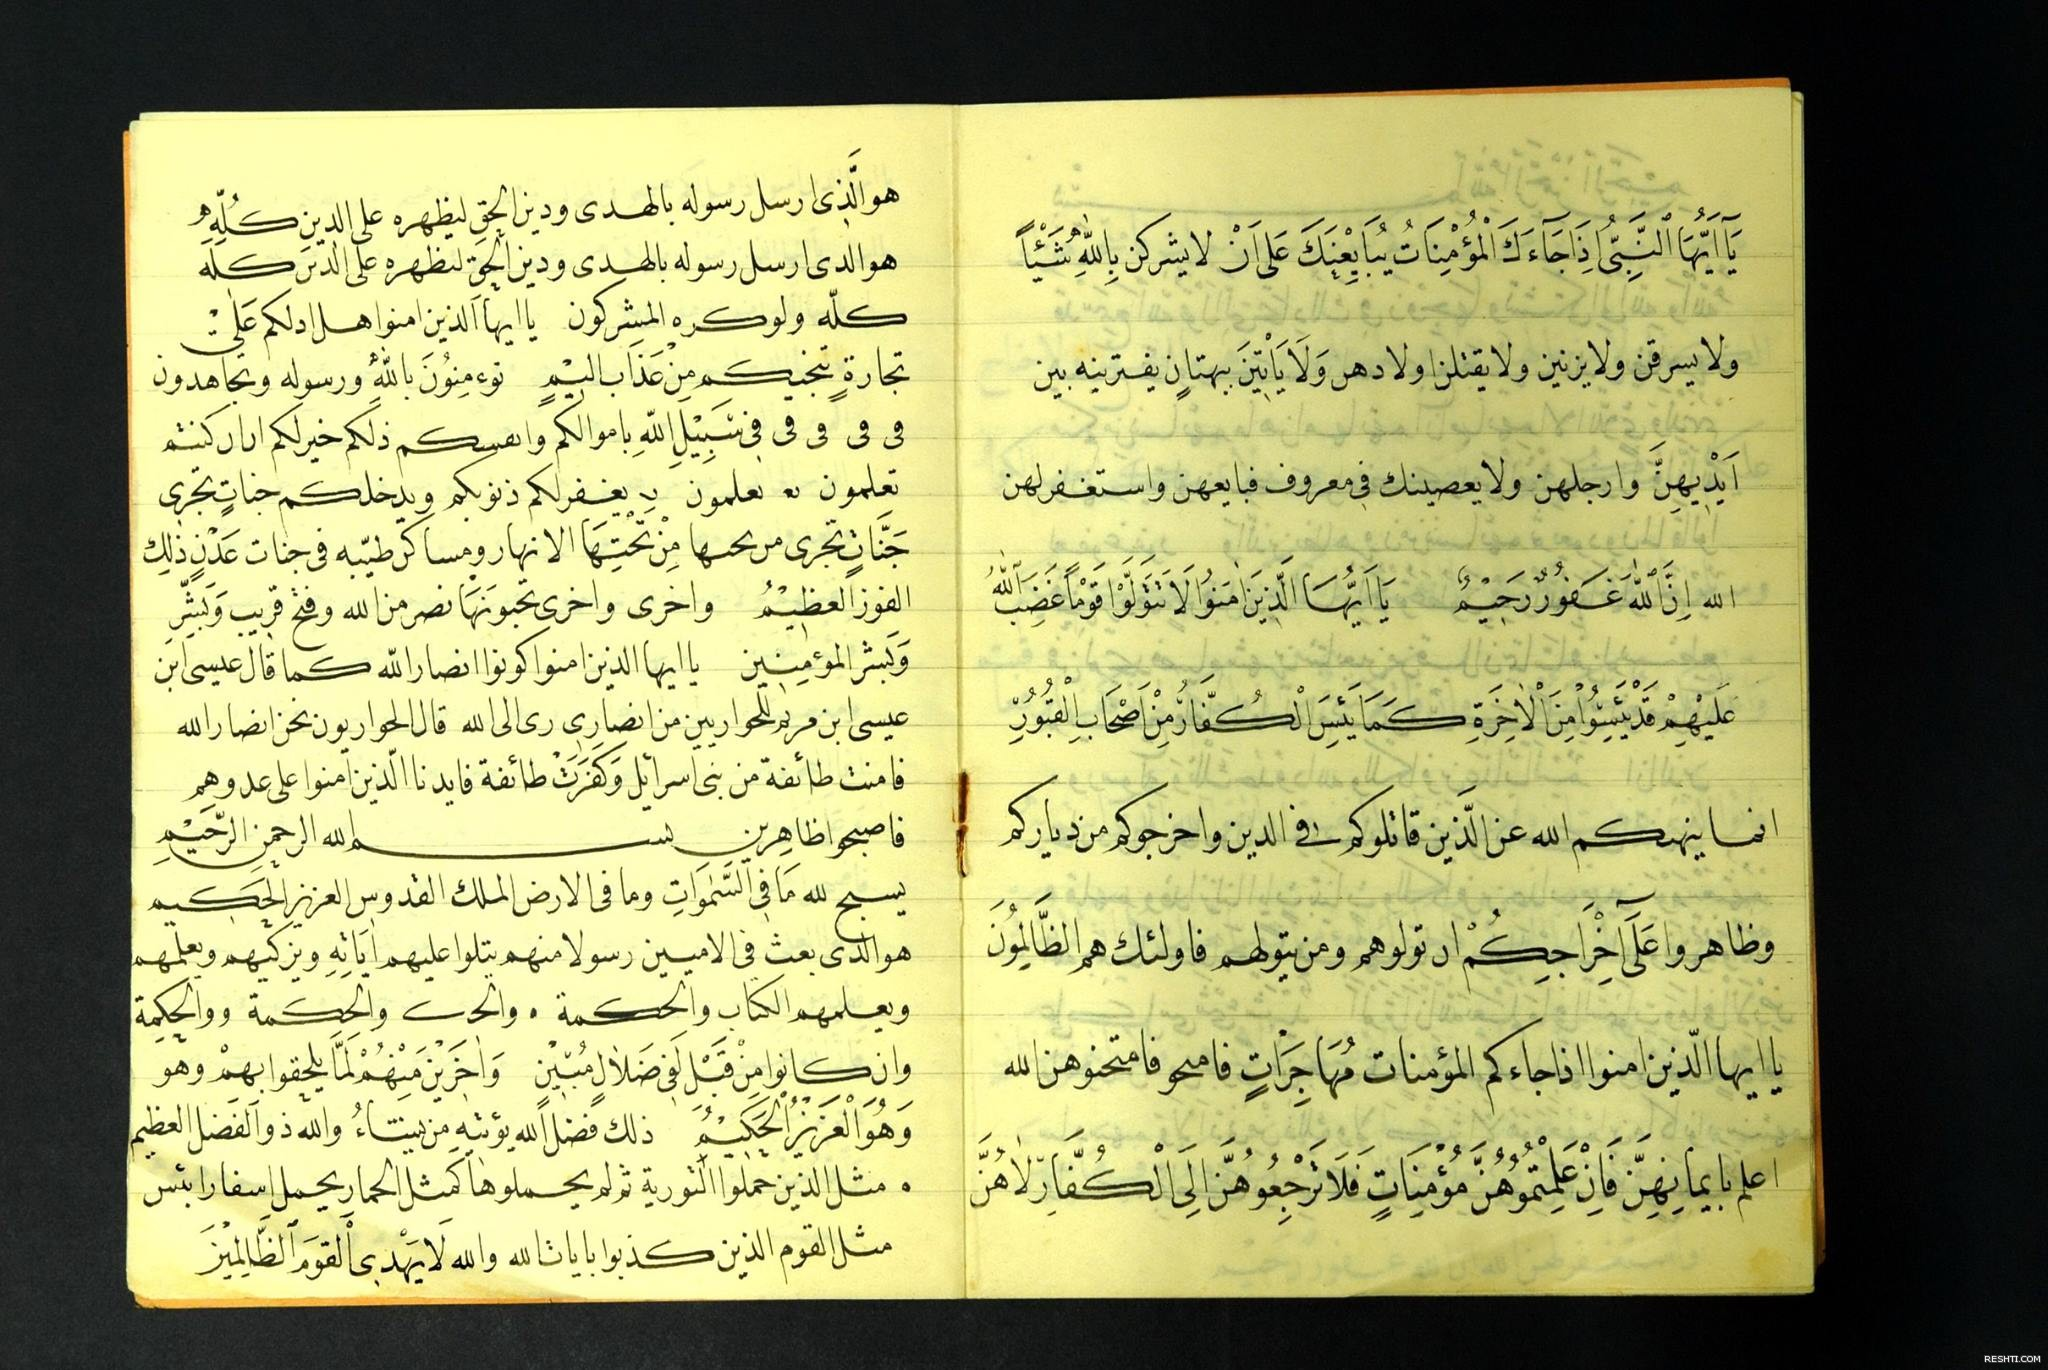 مصطفى حليم اوزيازجي